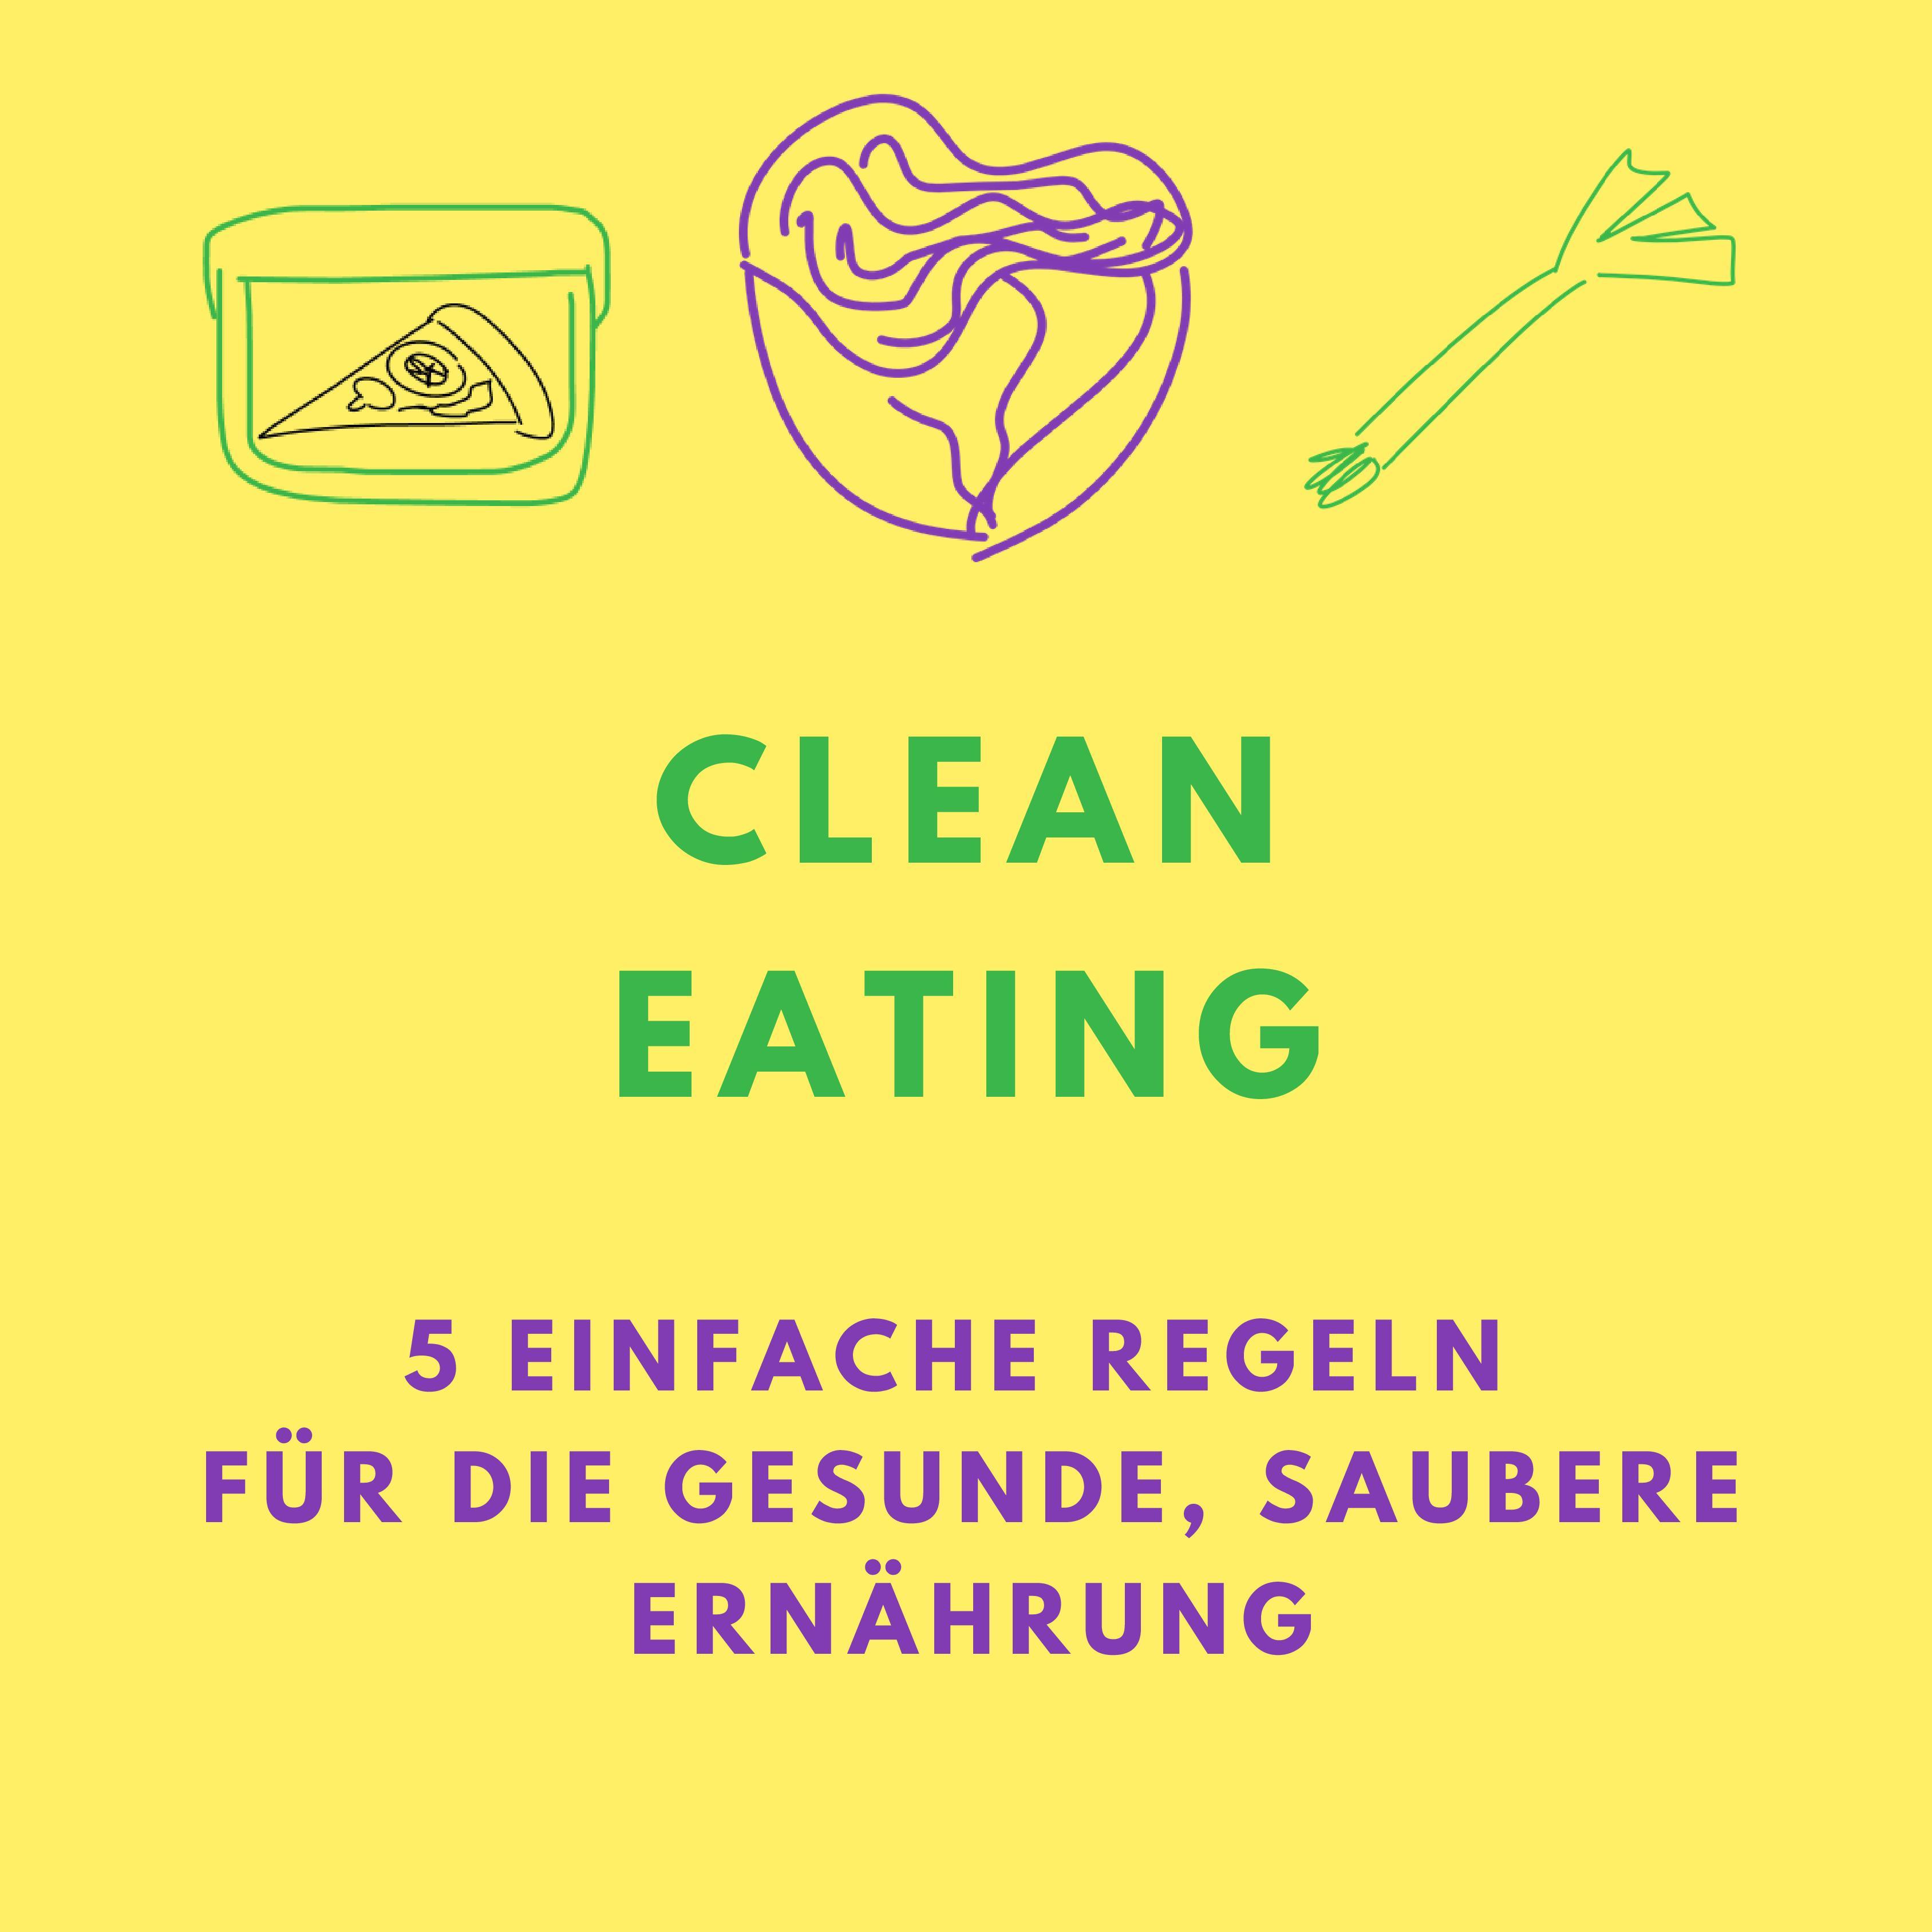 Clean Eating: 5 einfache Regeln für die gesunde, saubere Ernährung